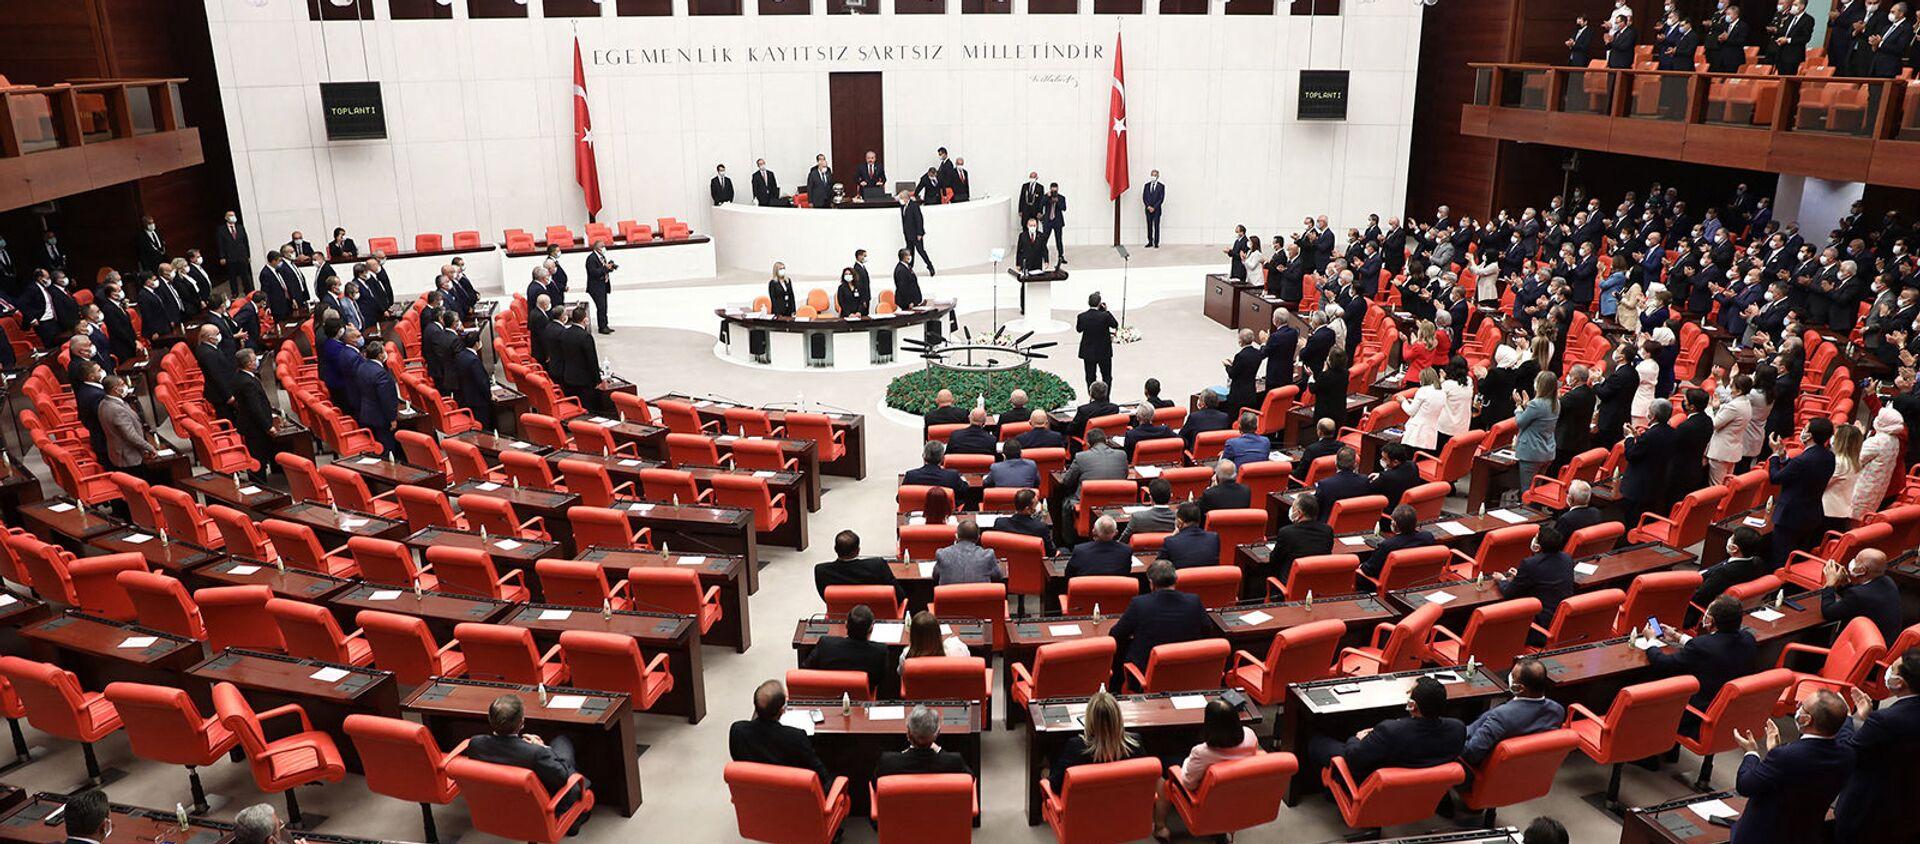 Заседание четвертой законодательной сессии турецкого парламента (1 октября 2020). Анкара - Sputnik Армения, 1920, 25.08.2021